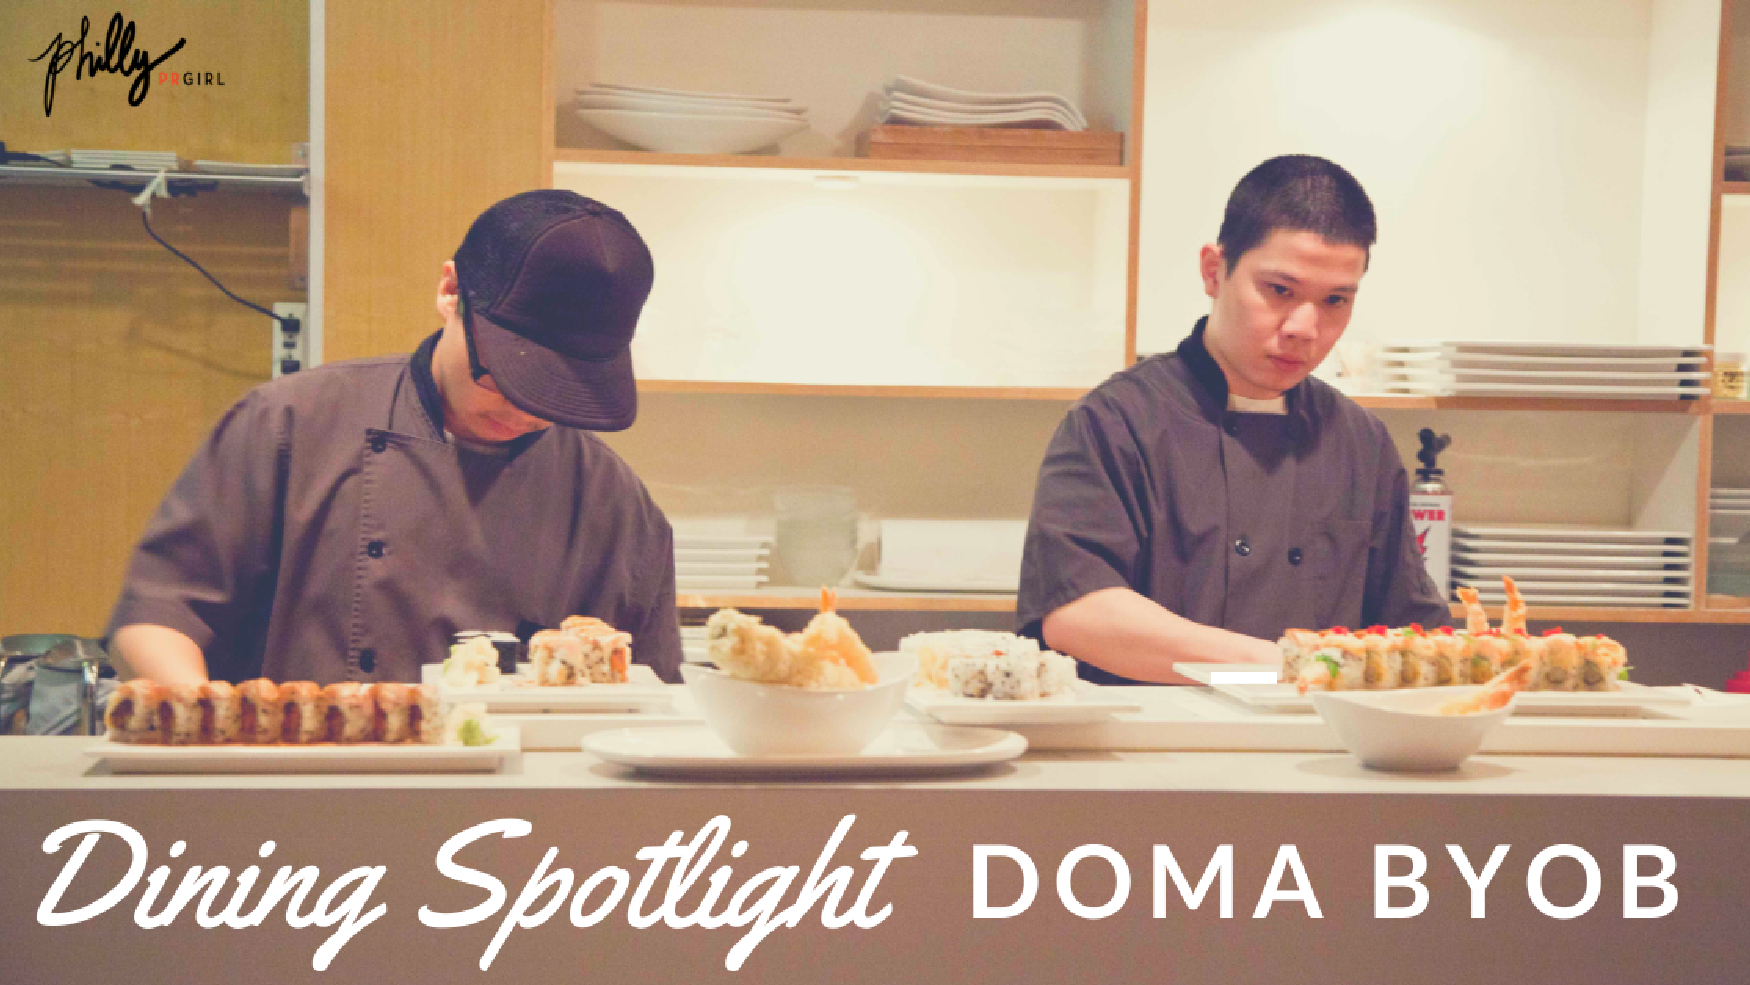 Dining Spotlight: Doma BYOB